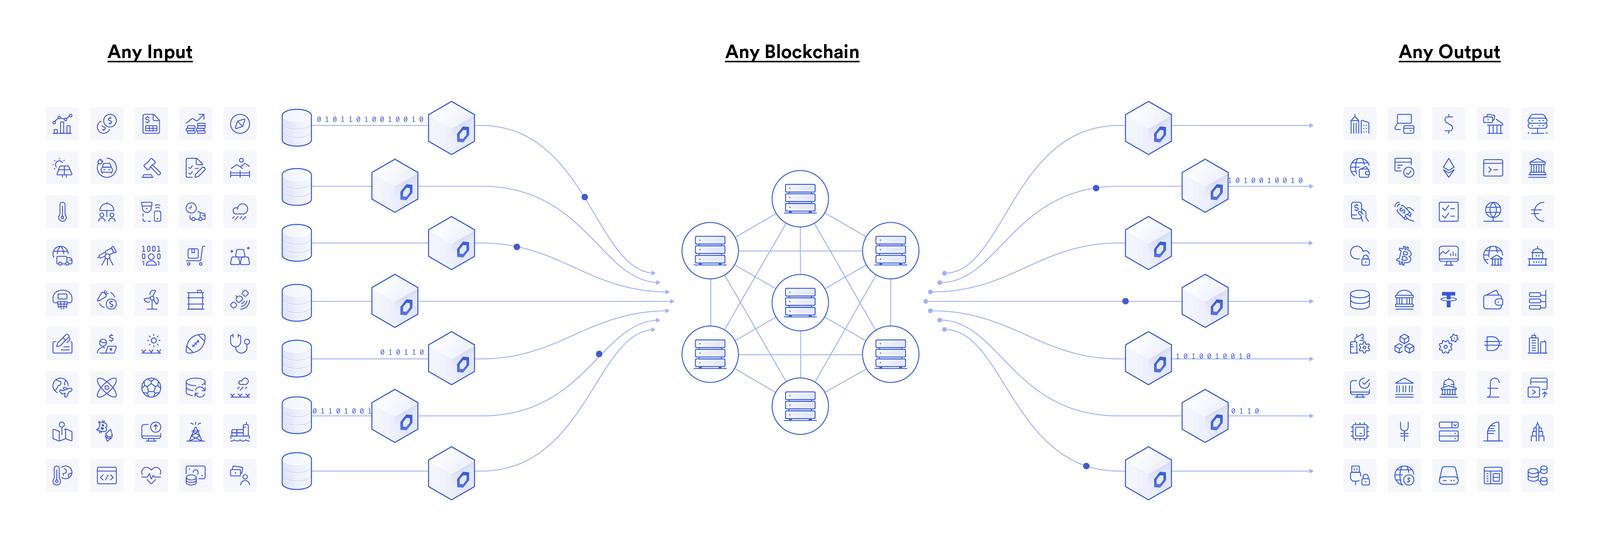 Chainlinkがブロックチェーンと外部情報をつなぐ